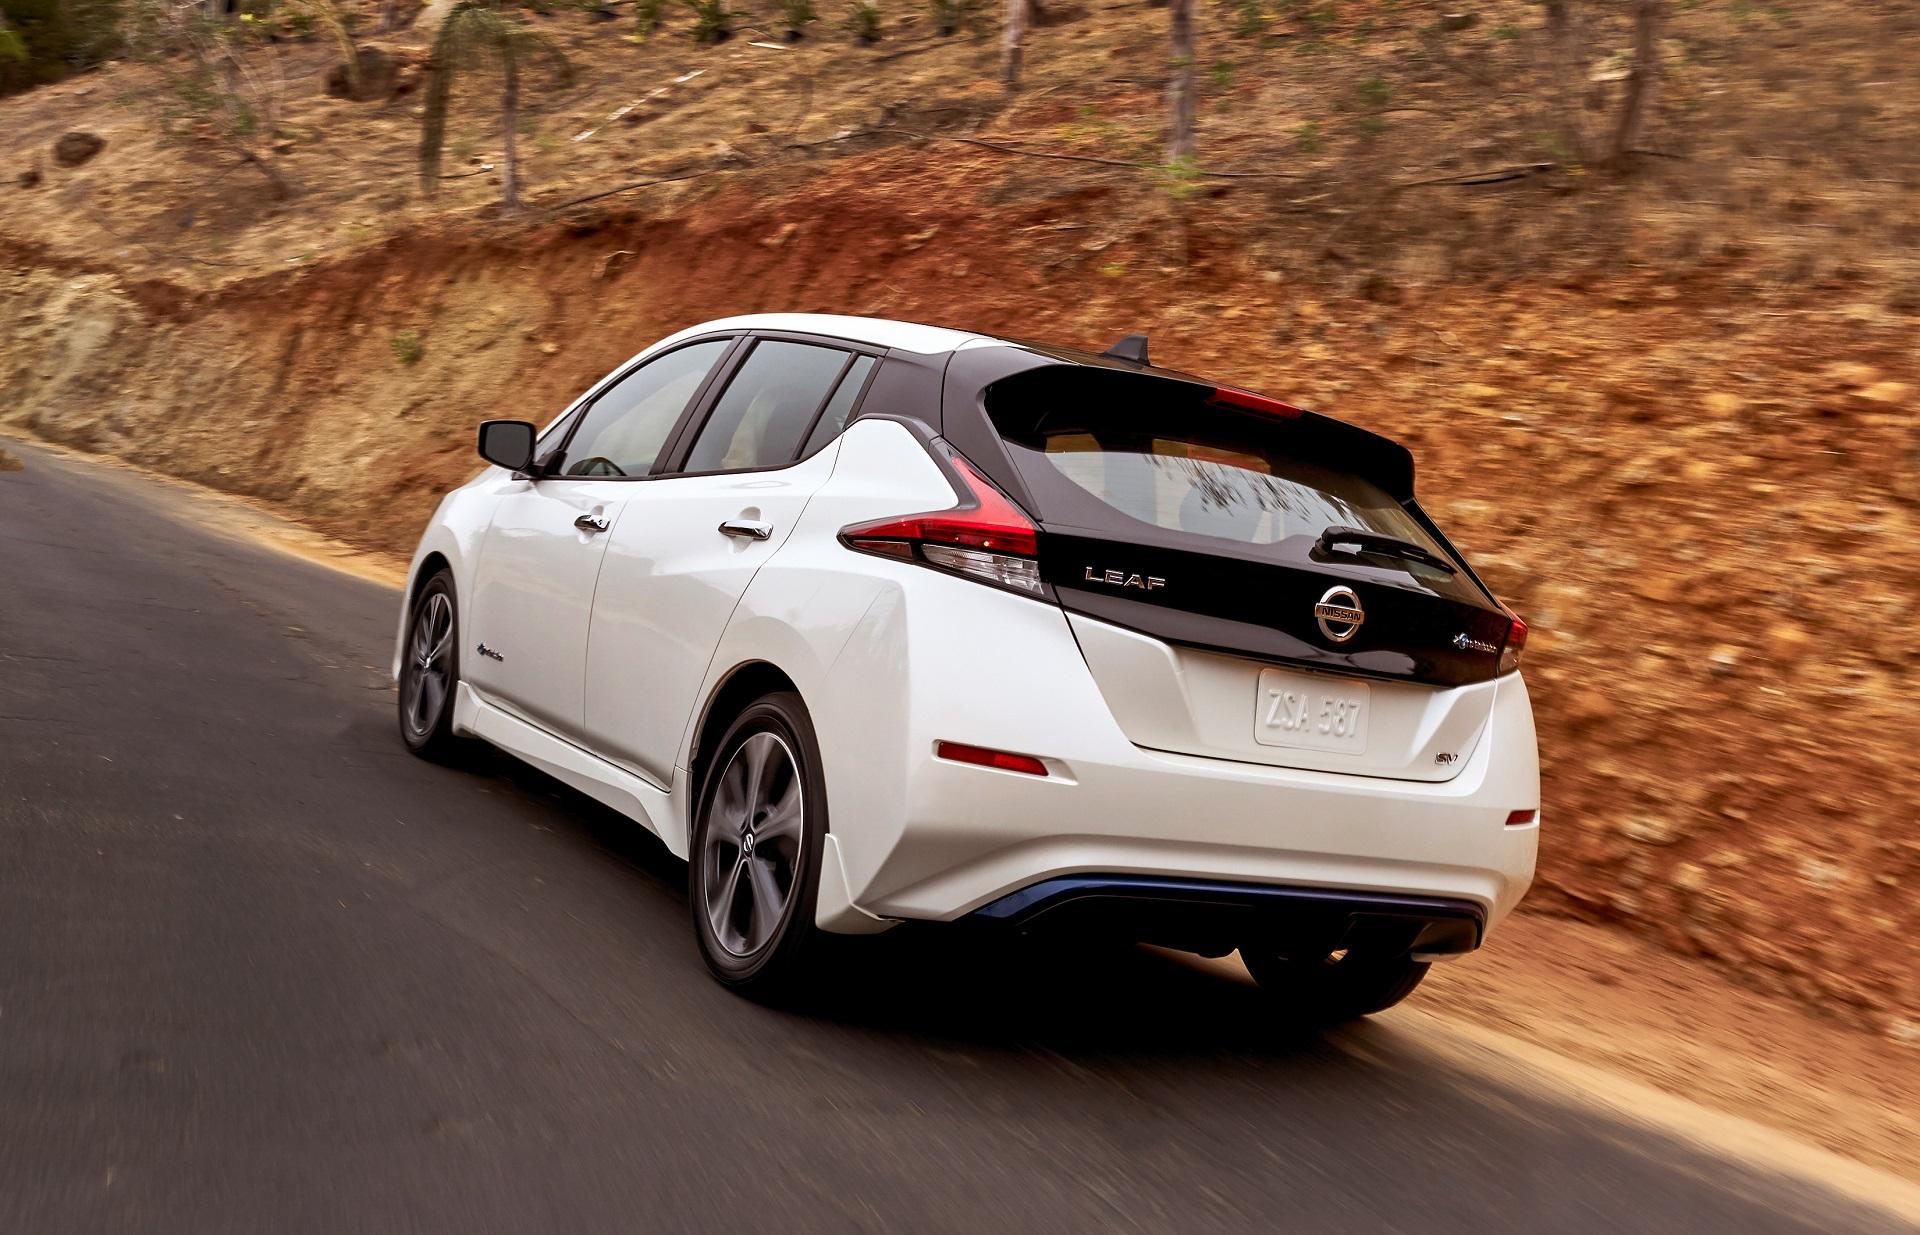 img of car central nissan vehicle electric front black leaf ev gen ii tekna